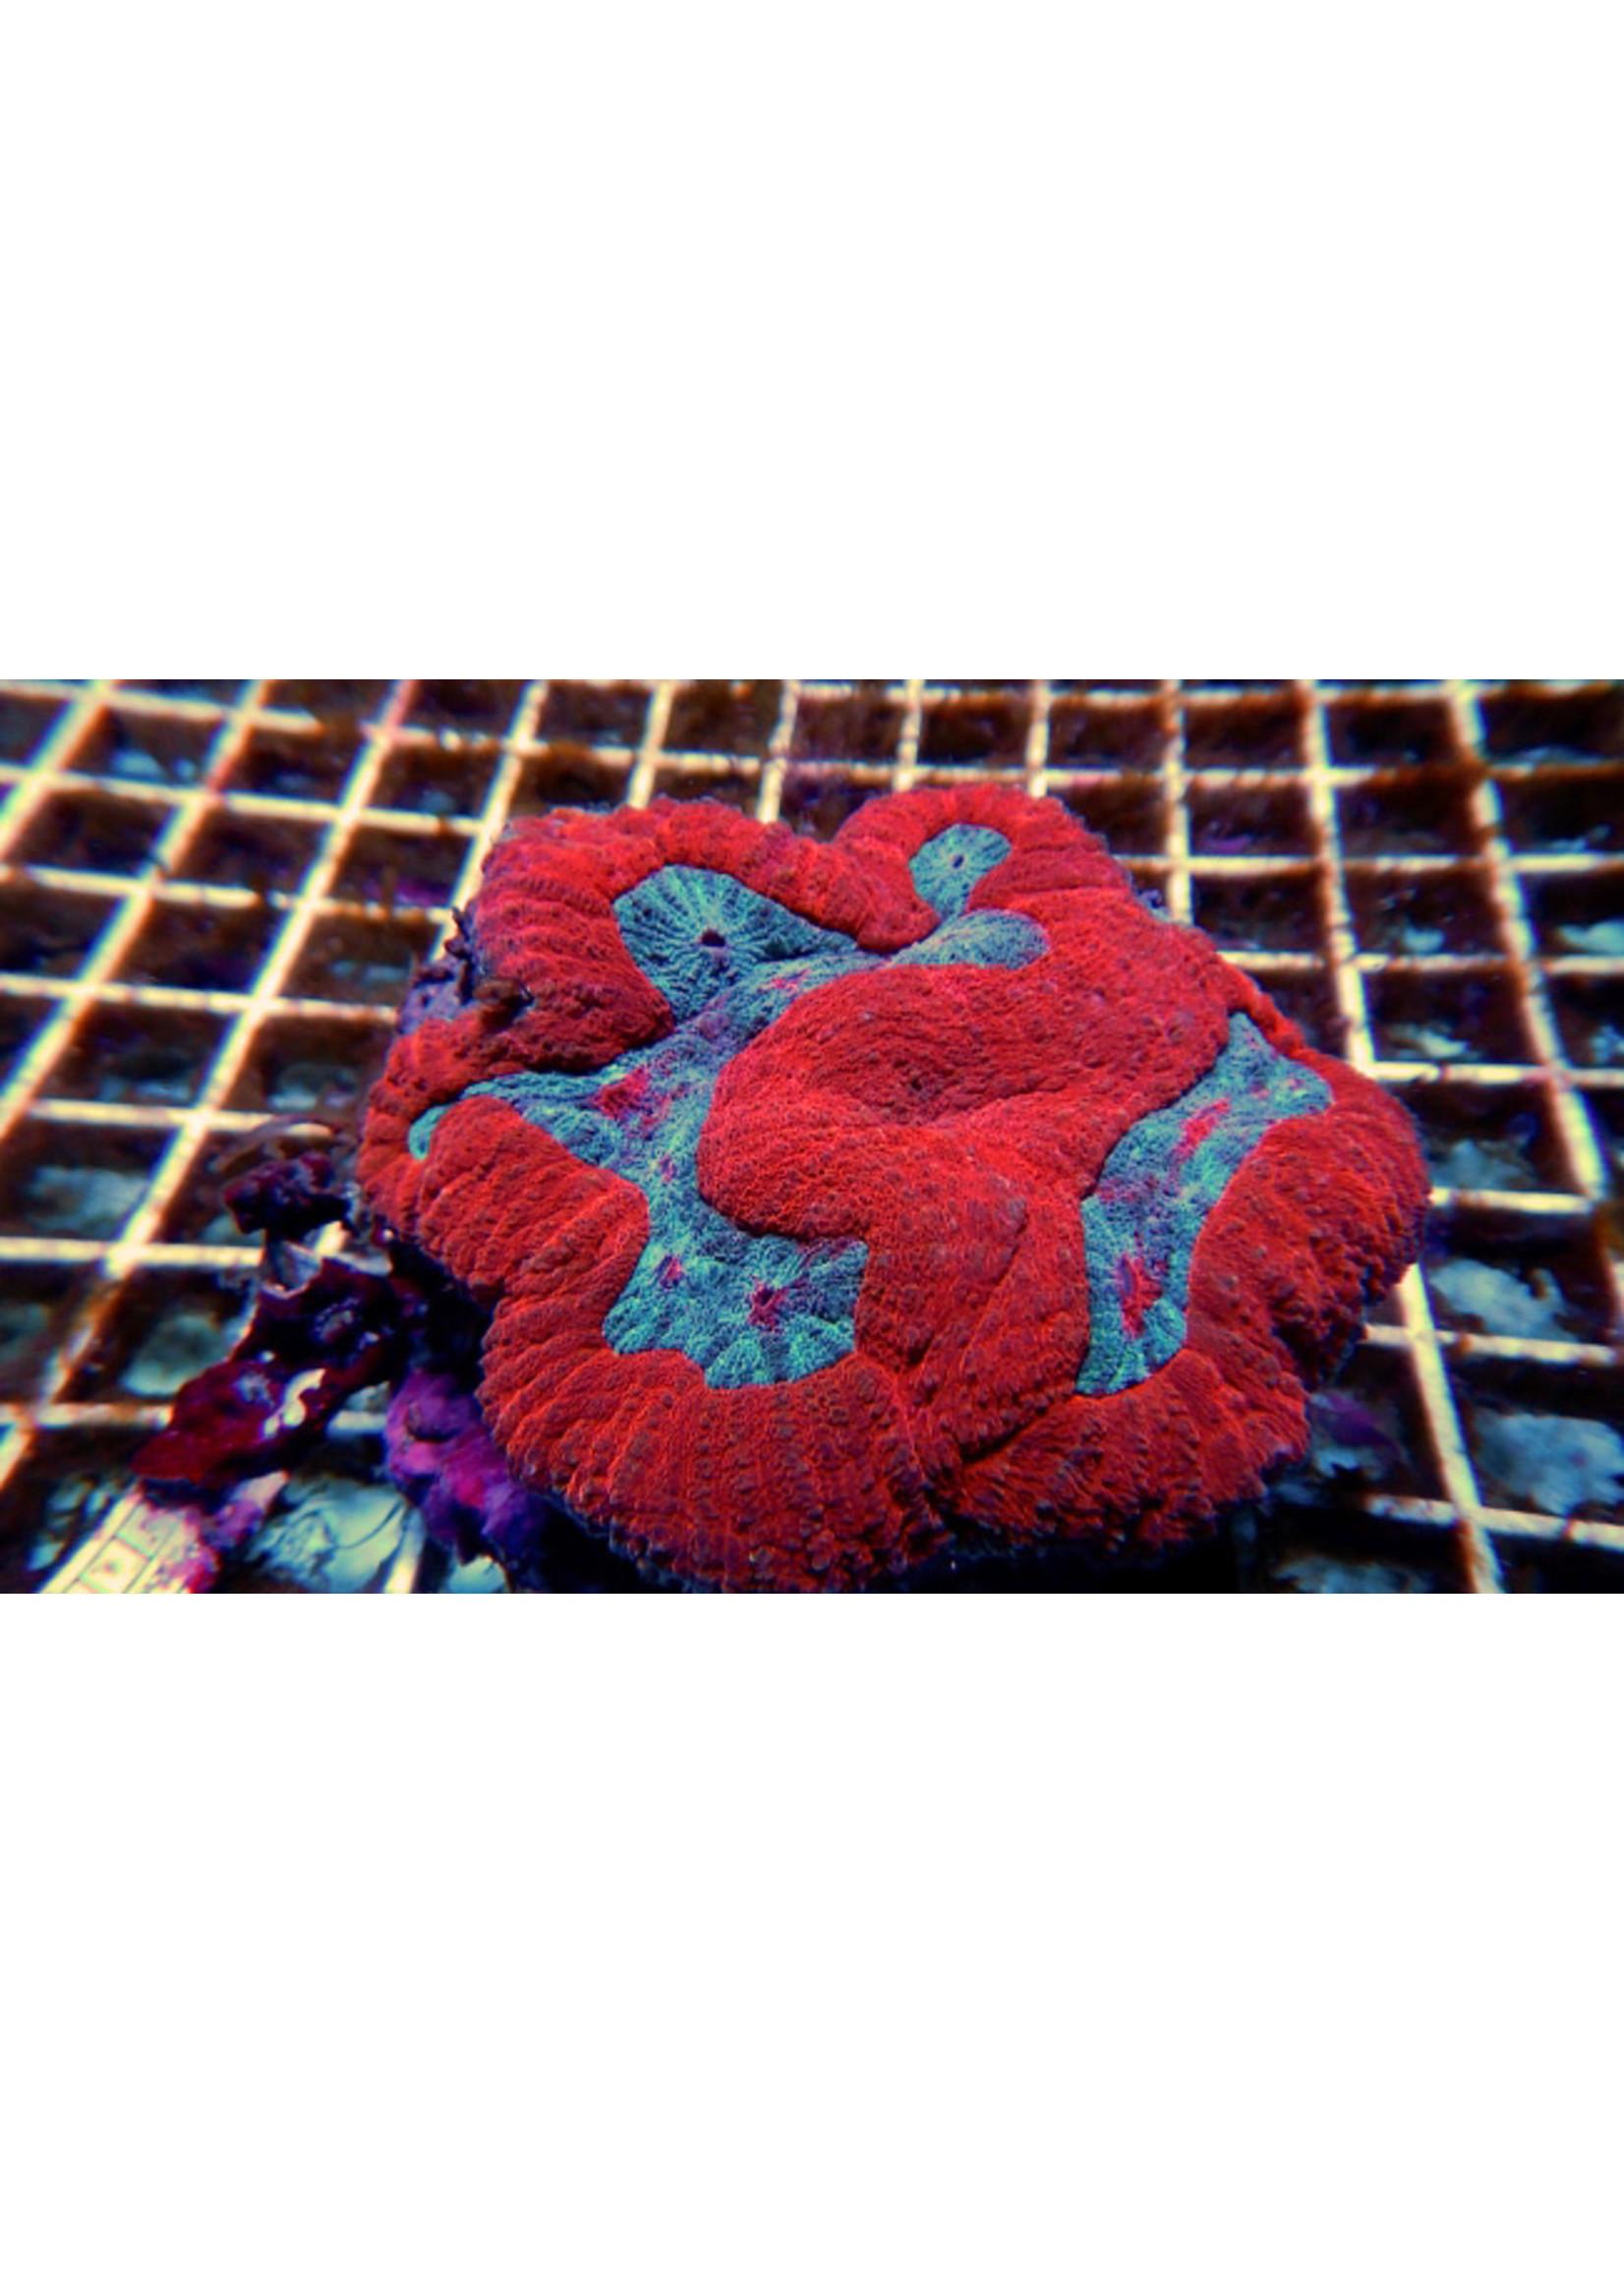 Symphyllia Kupang Symphyllia Coral  WYSIWYG